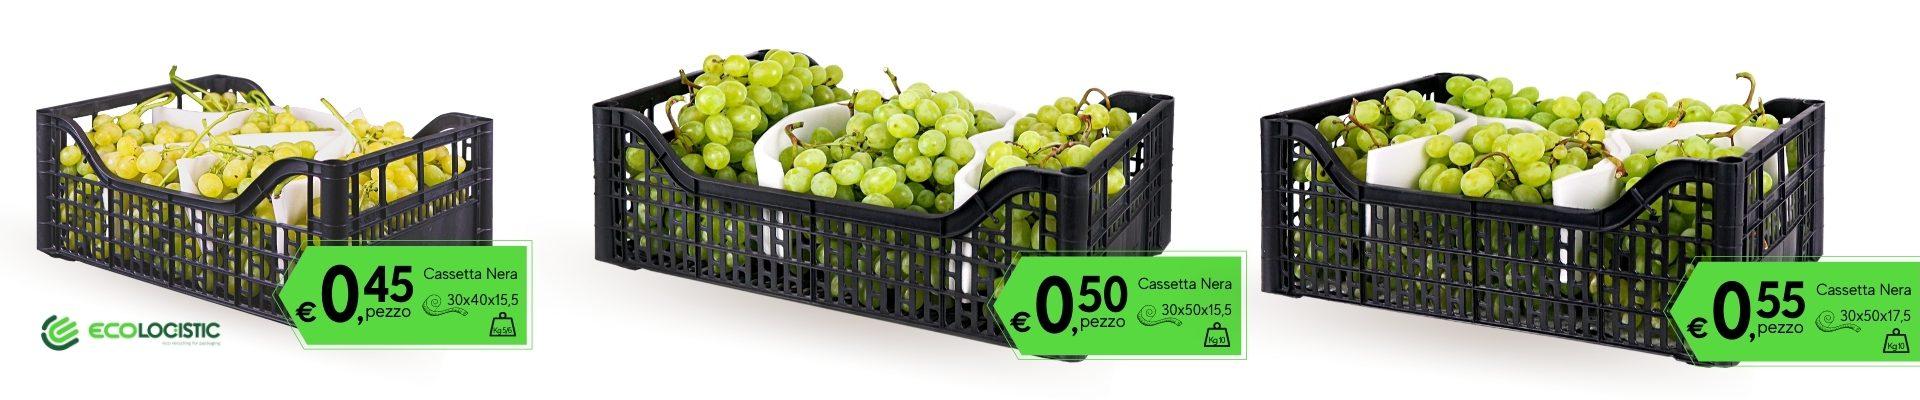 cassette nere per uva e ortaggi in pls riciclata